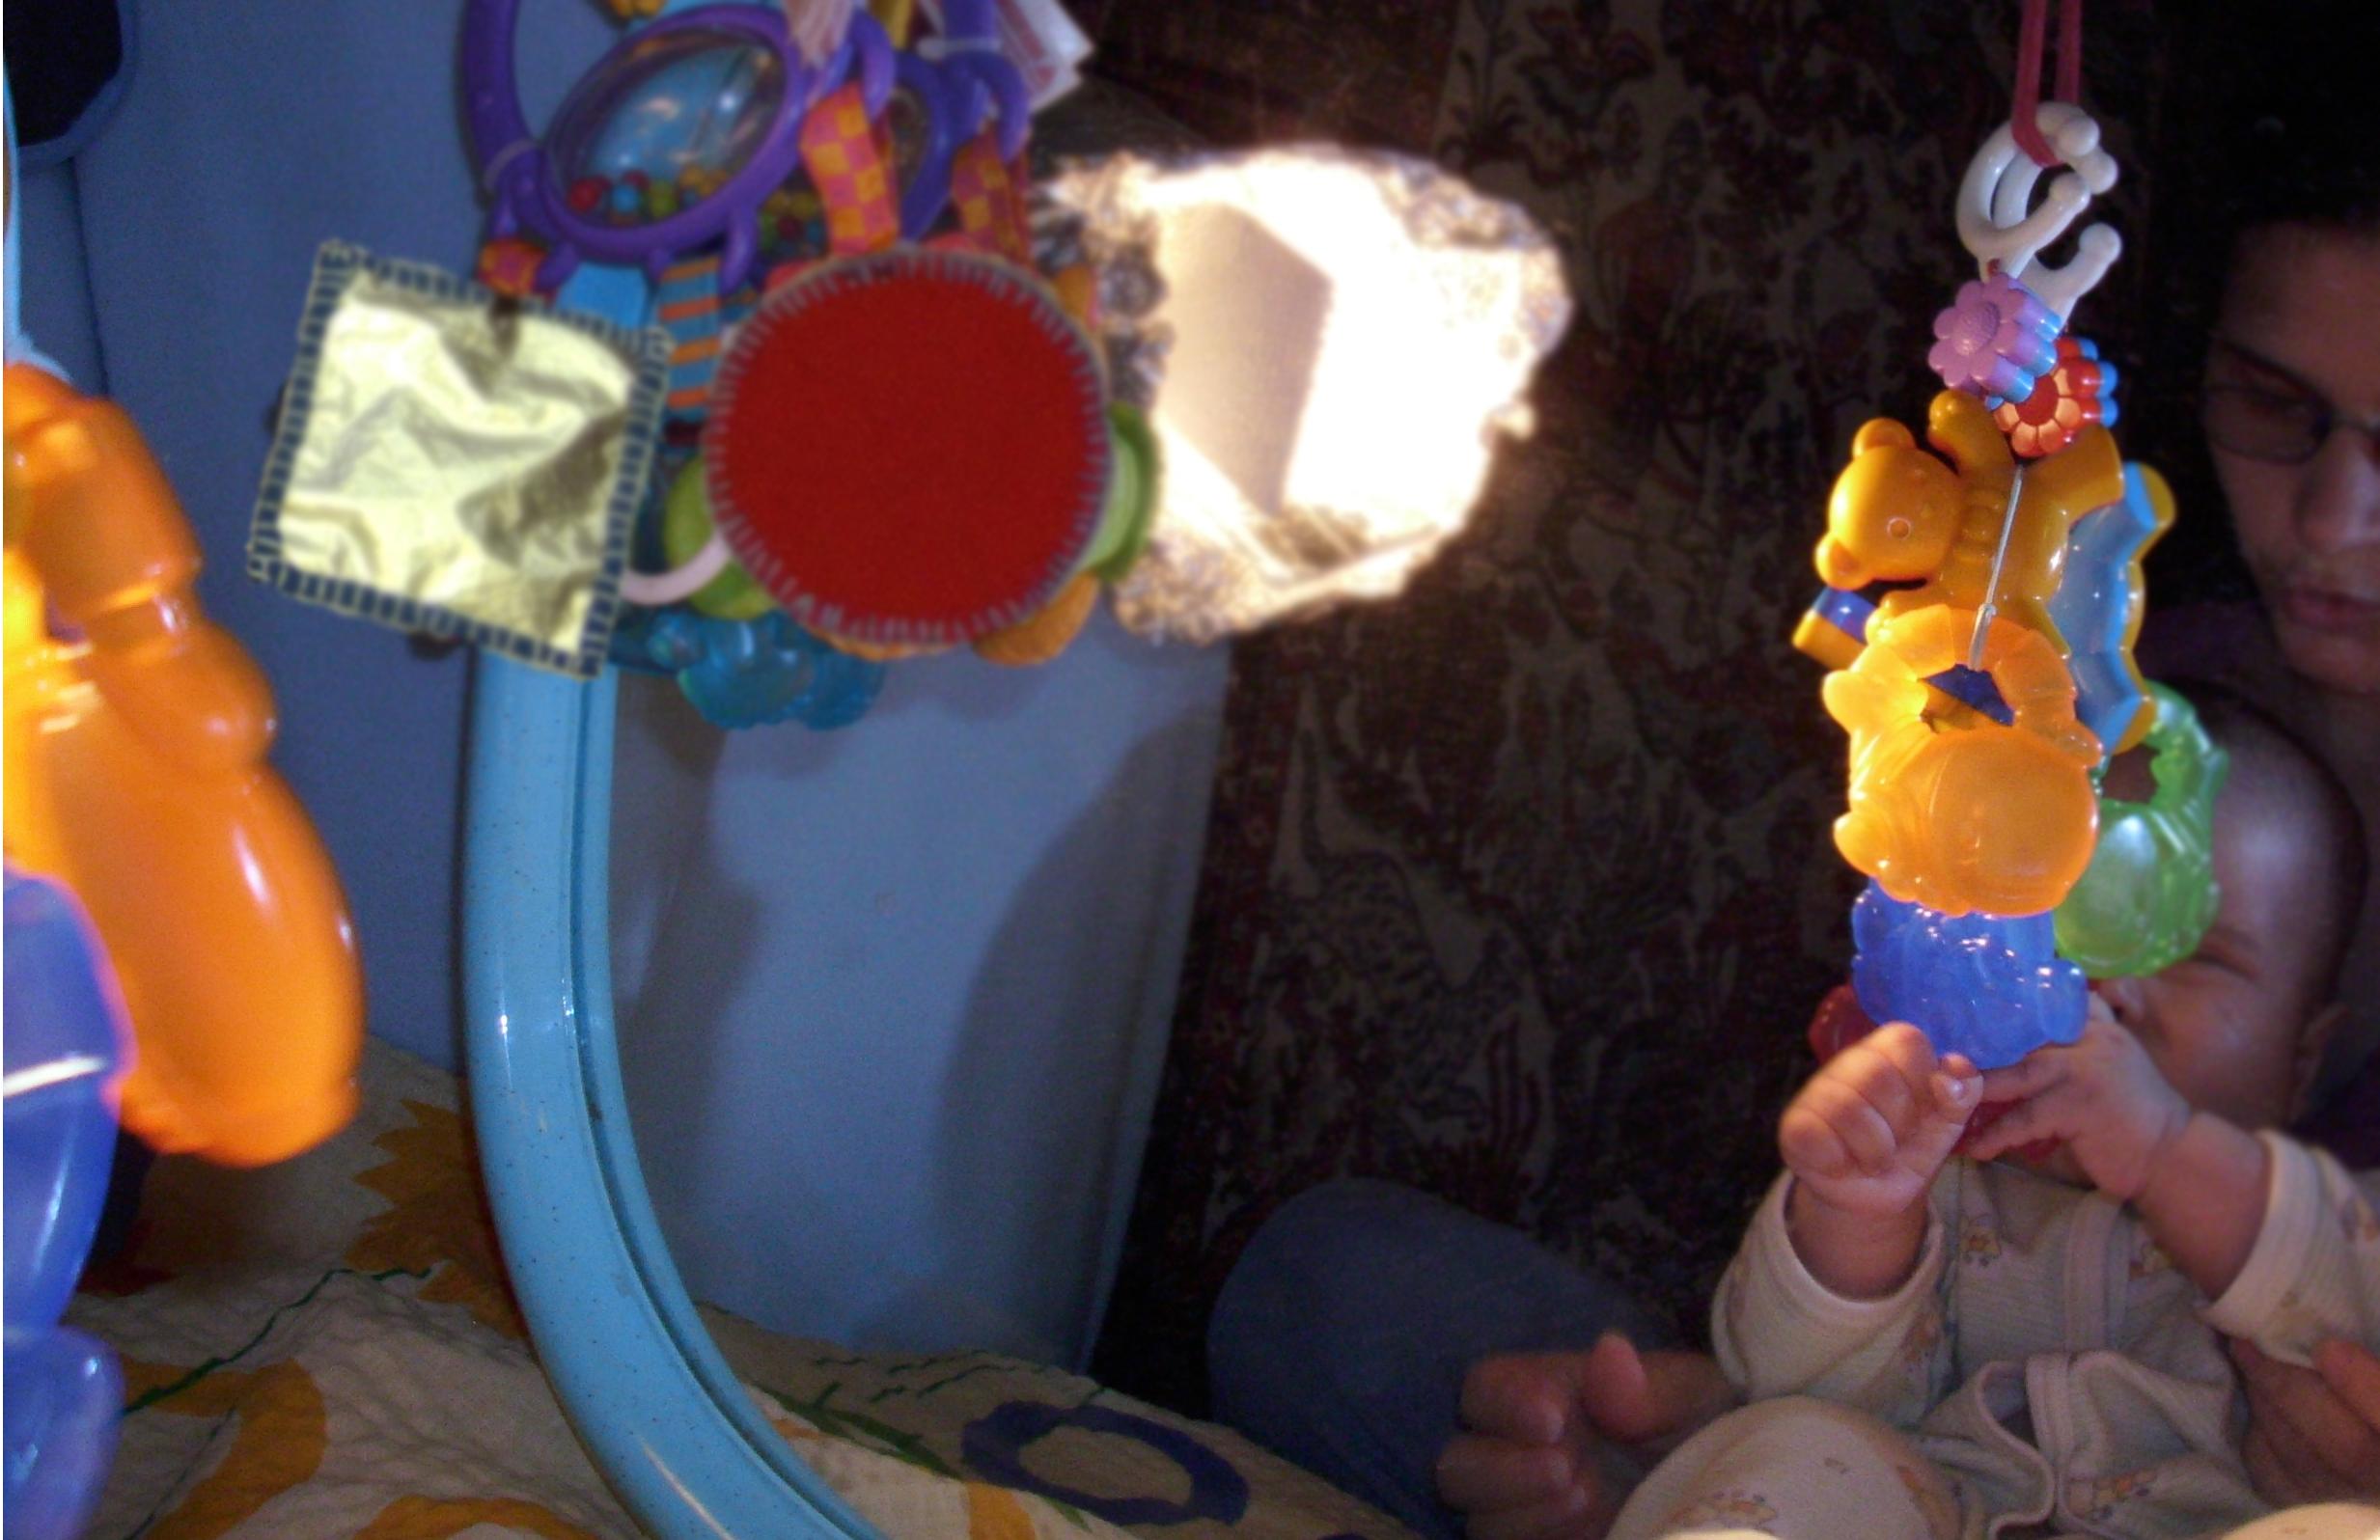 Przywieszone gryzaki dziecięce i samodzielne plansze samodzielne kształty geometryczne - zabawa z lustrem - mamotatopokazmi.pl